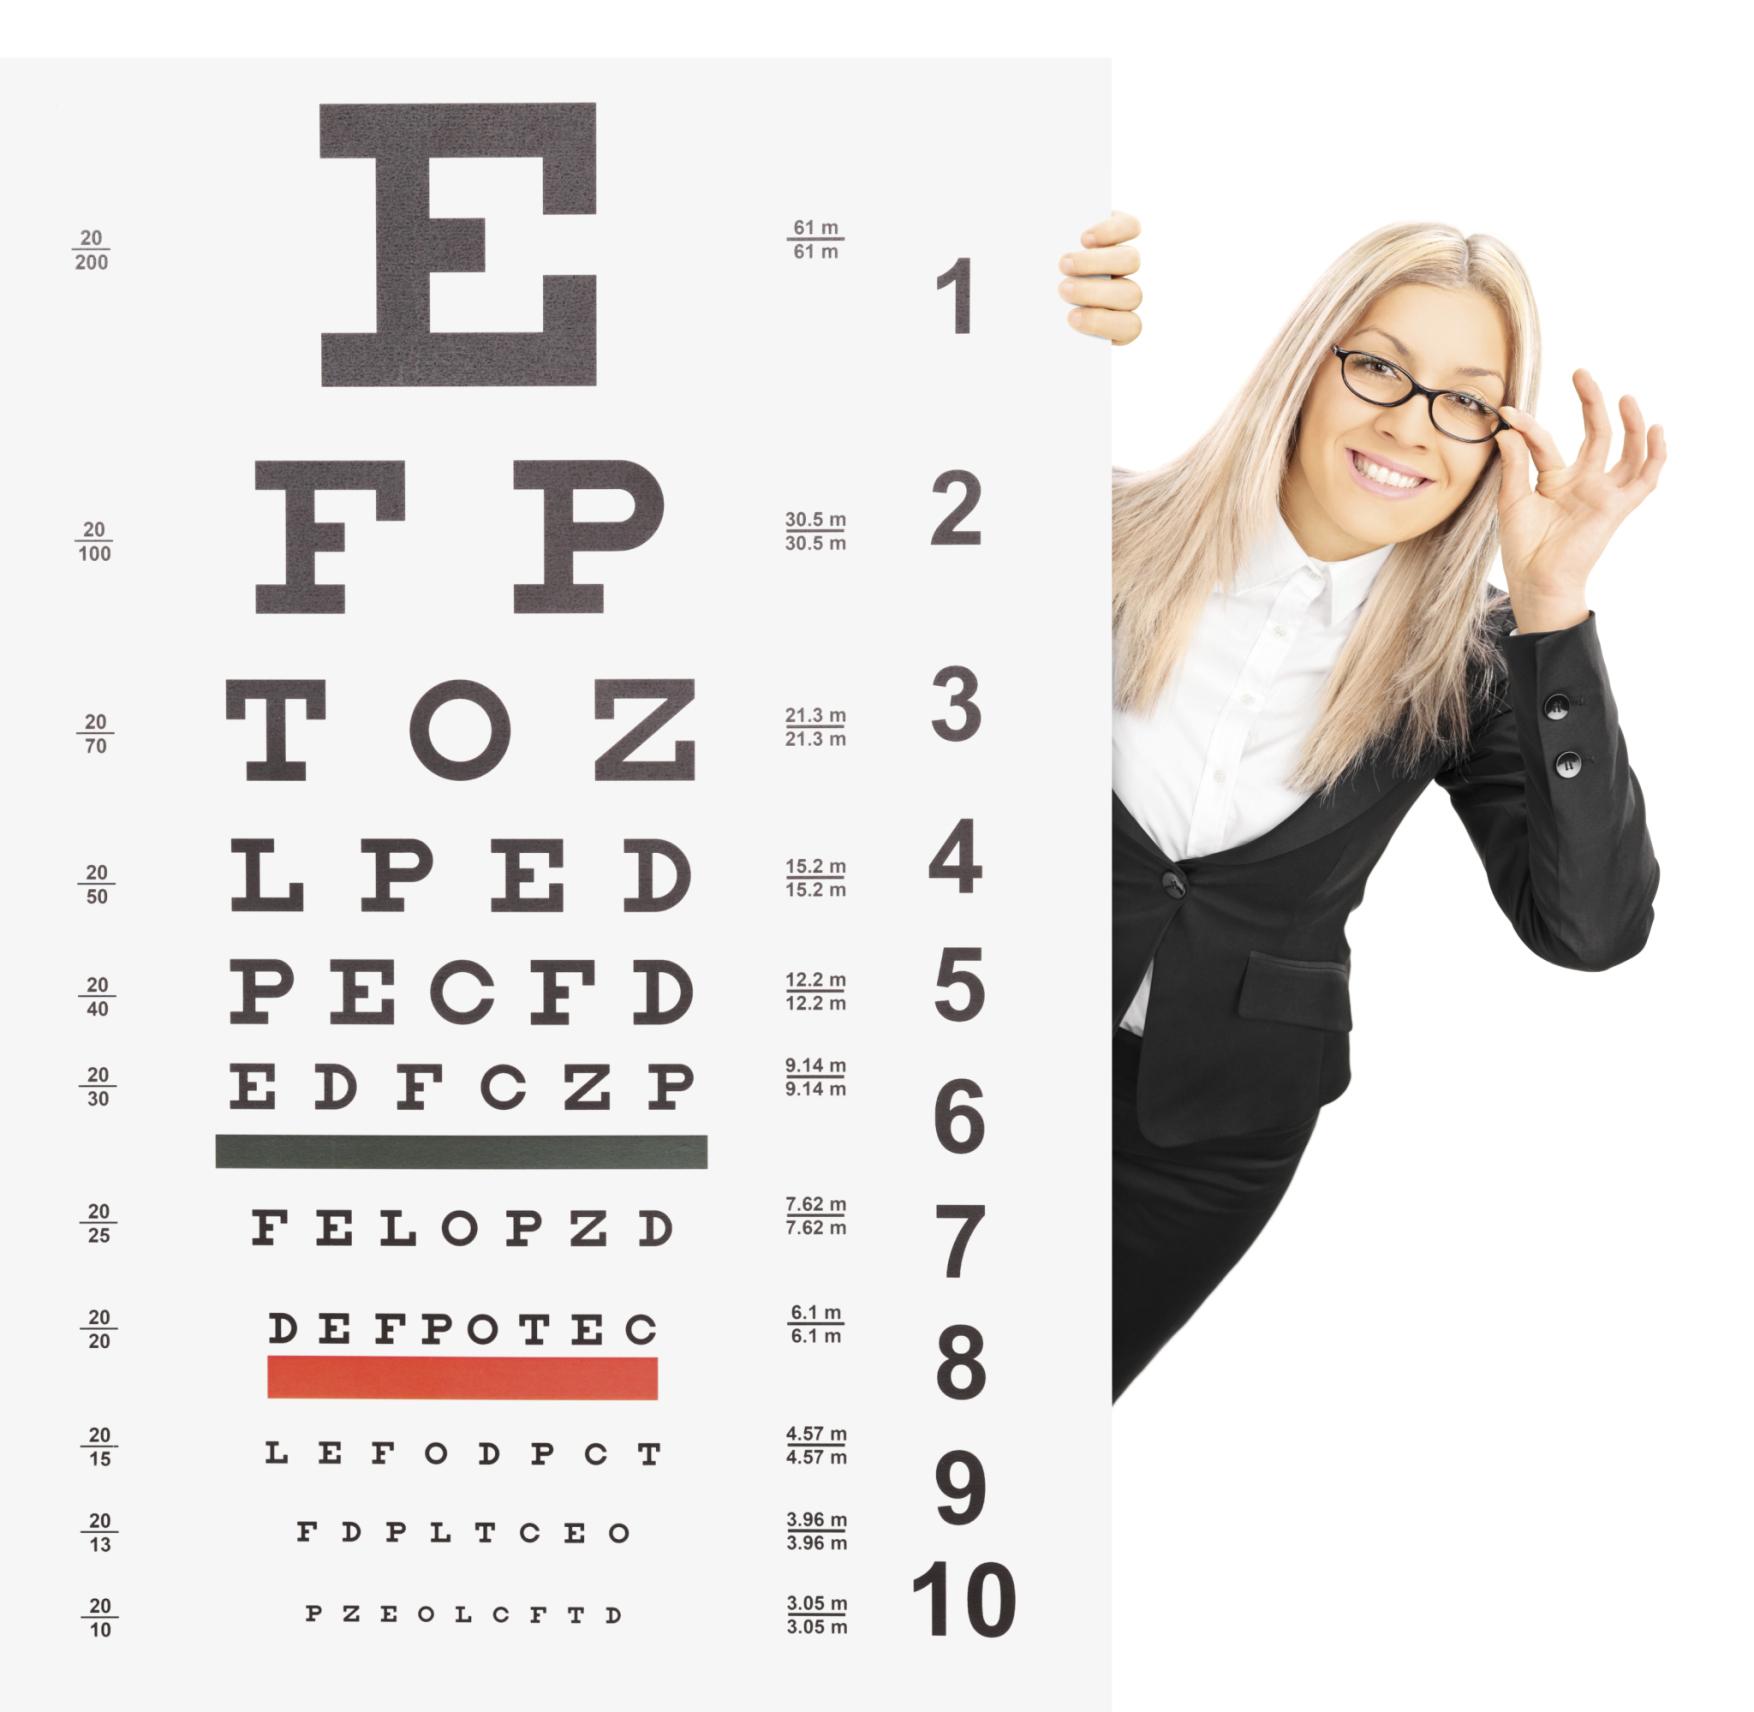 rossz látási tulajdonságok